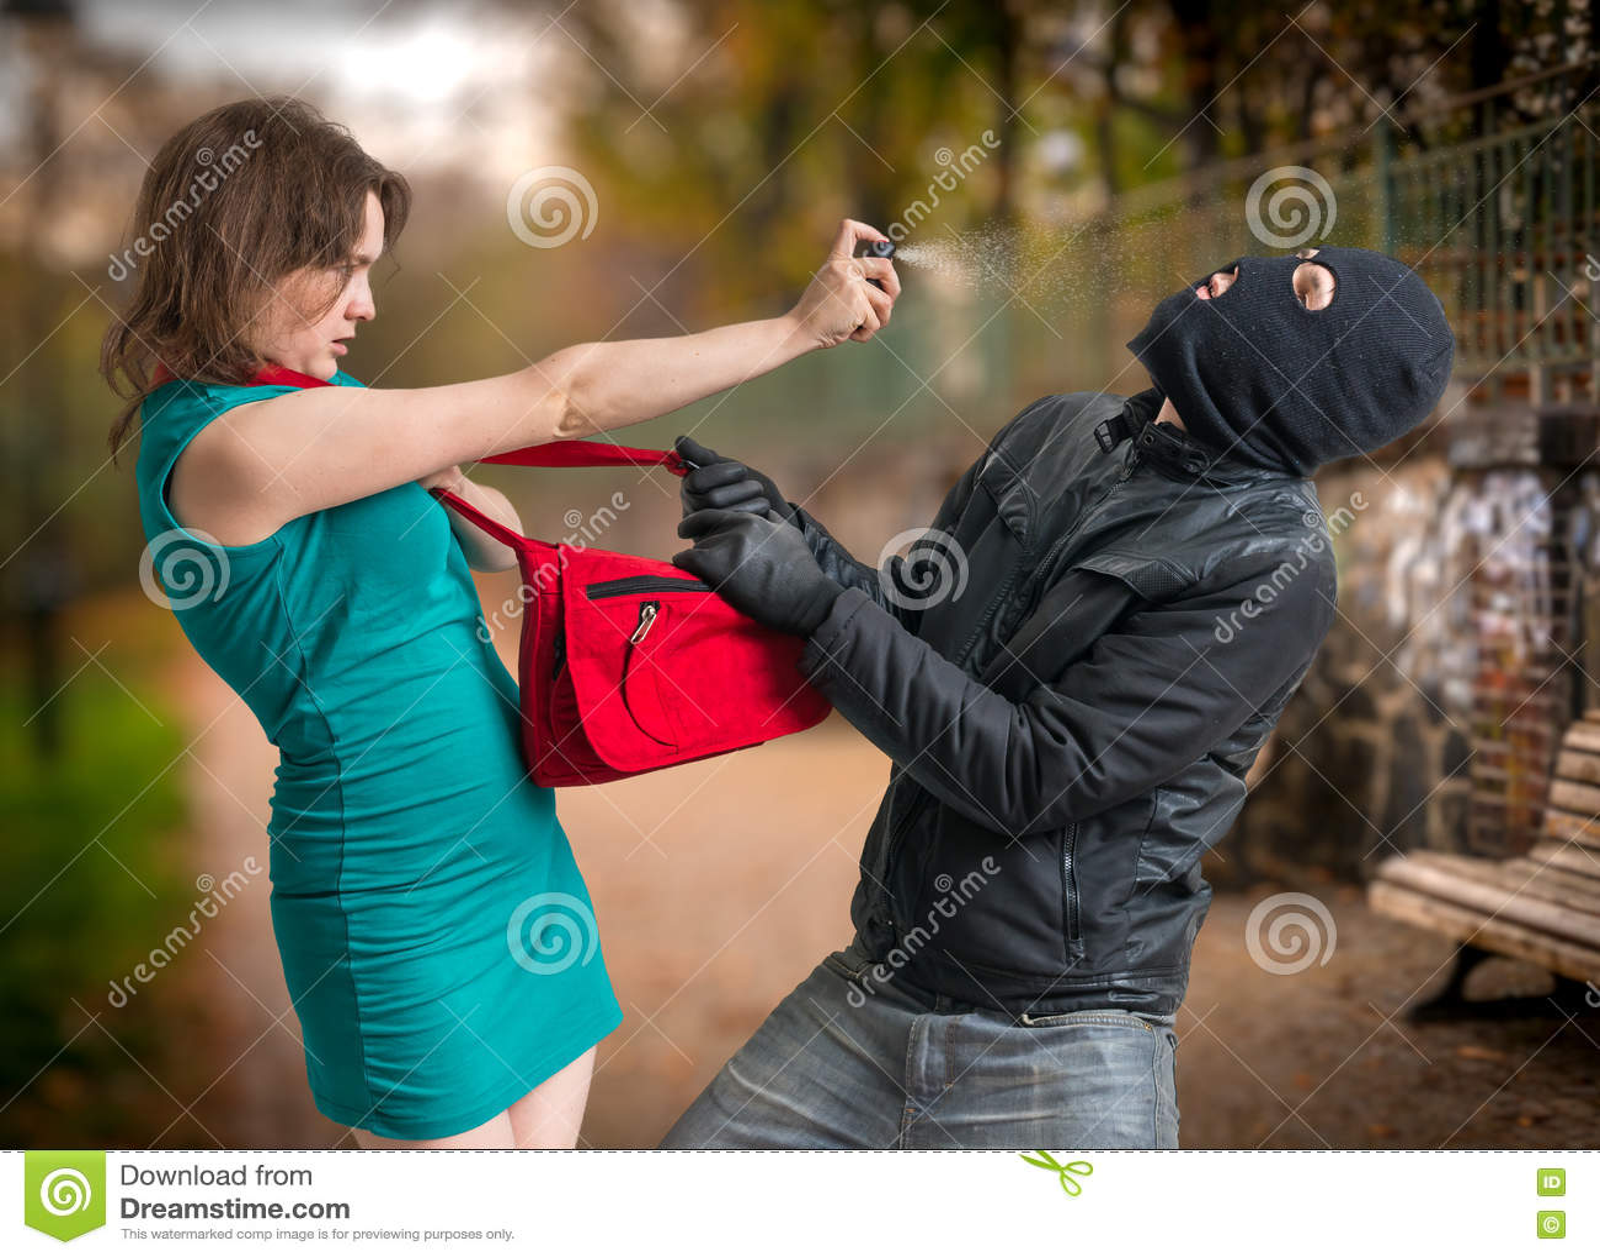 Concepto de la autodefensa Al hombre en pasamontañas atacó a la mujer joven está utilizando el spray de pimienta